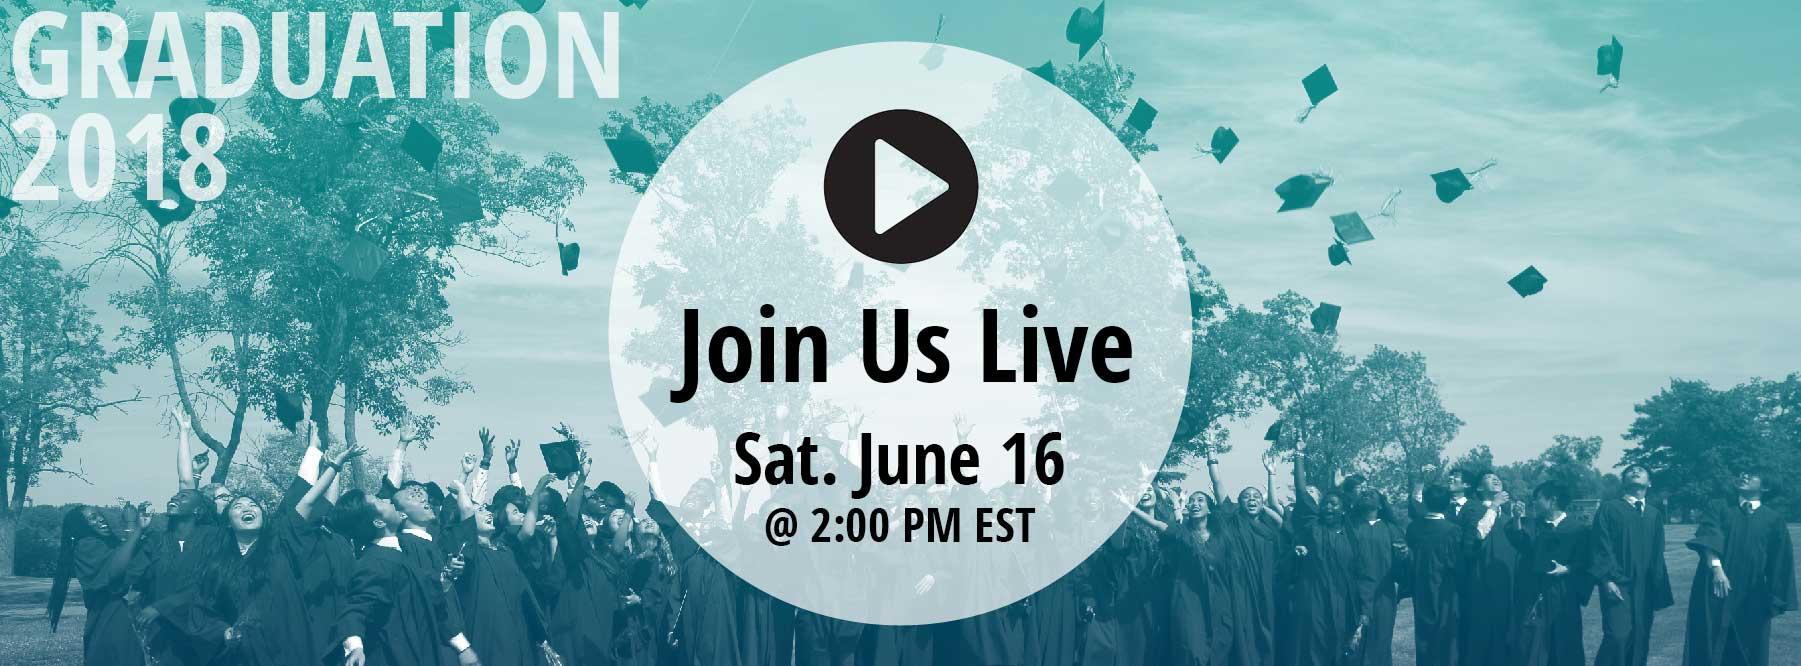 Graduation 2018 Sat. June 16, at 2 p.m. EST